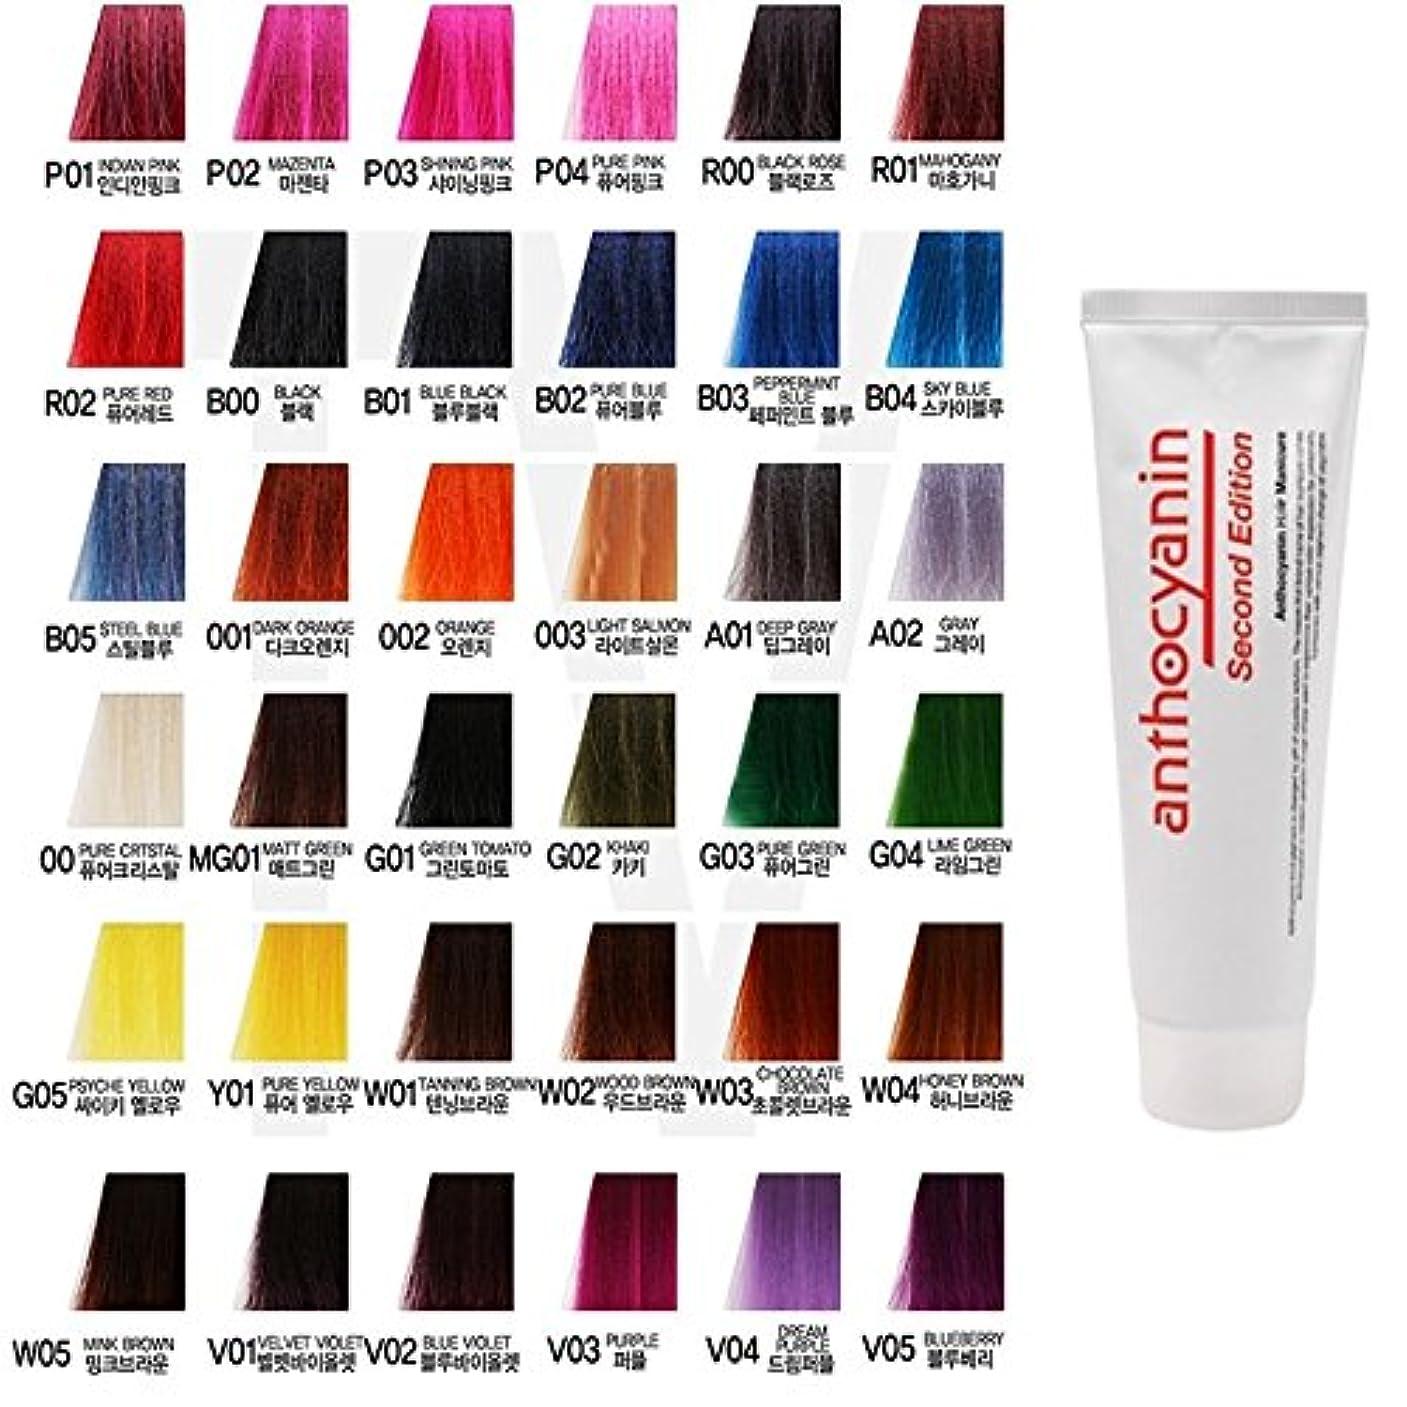 国内の人里離れたステンレスヘア マニキュア カラー セカンド エディション 230g セミ パーマネント 染毛剤 ( Hair Manicure Color Second Edition 230g Semi Permanent Hair Dye) [並行輸入品] (O12 Coral Orange)